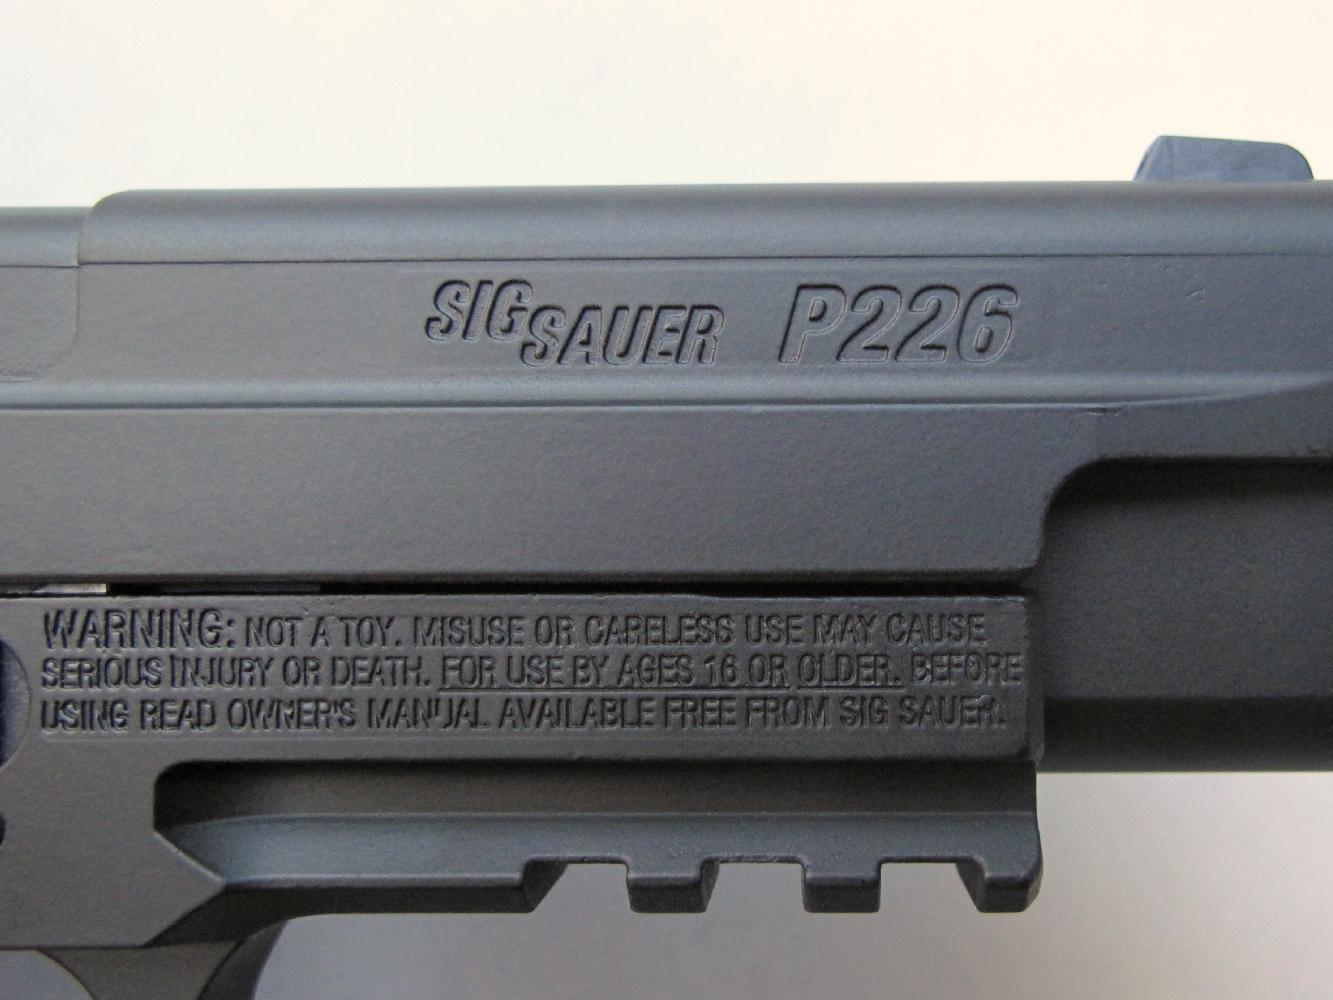 La désignation de la firme et du modèle figurent sur la culasse à glissière, tandis que les consignes de sécurité sont profondément gravées, par moulage, sur le flanc droit de la carcasse.